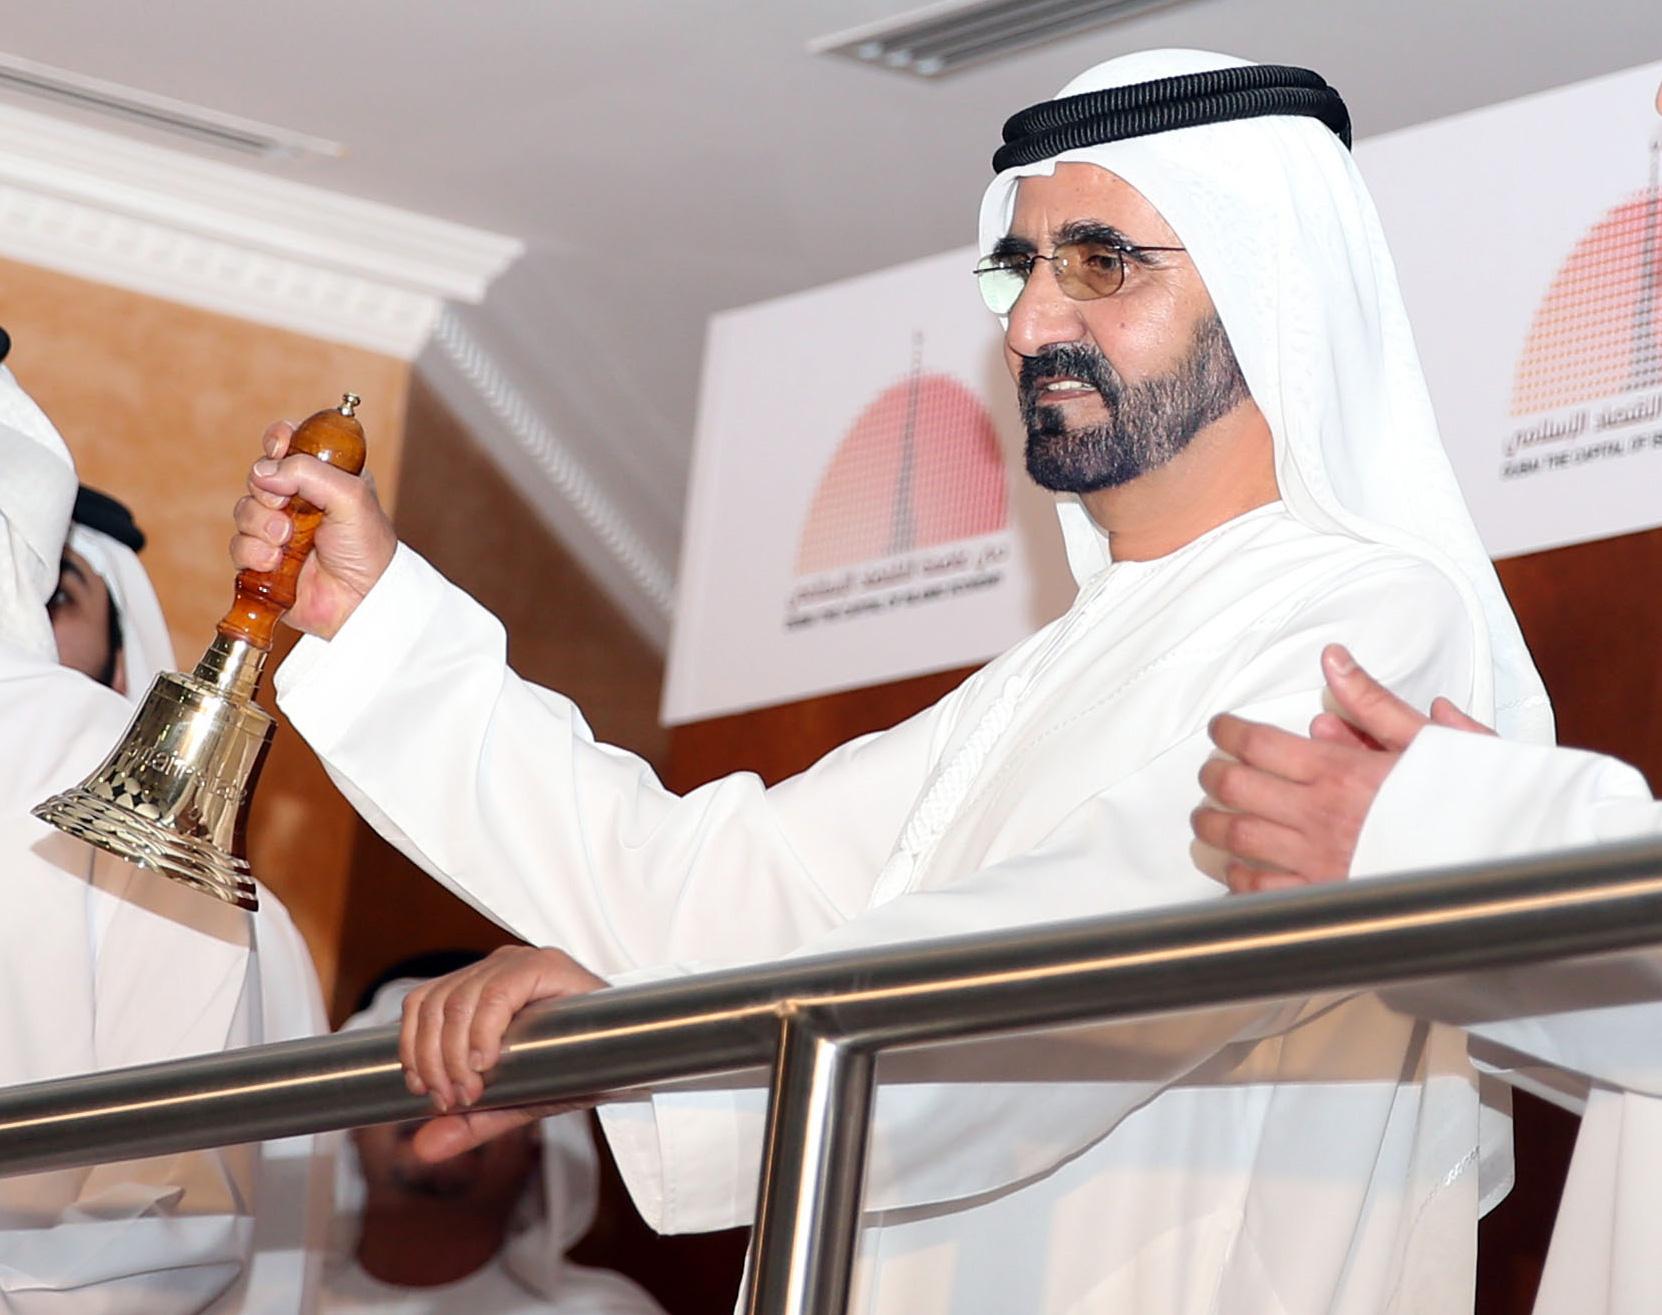 صاحب السمو الشيخ محمد بن راشد آل مكتوم - حديث محمد بن راشد على هامش إطلاق دبي مركزاً عالمياً للصكوك